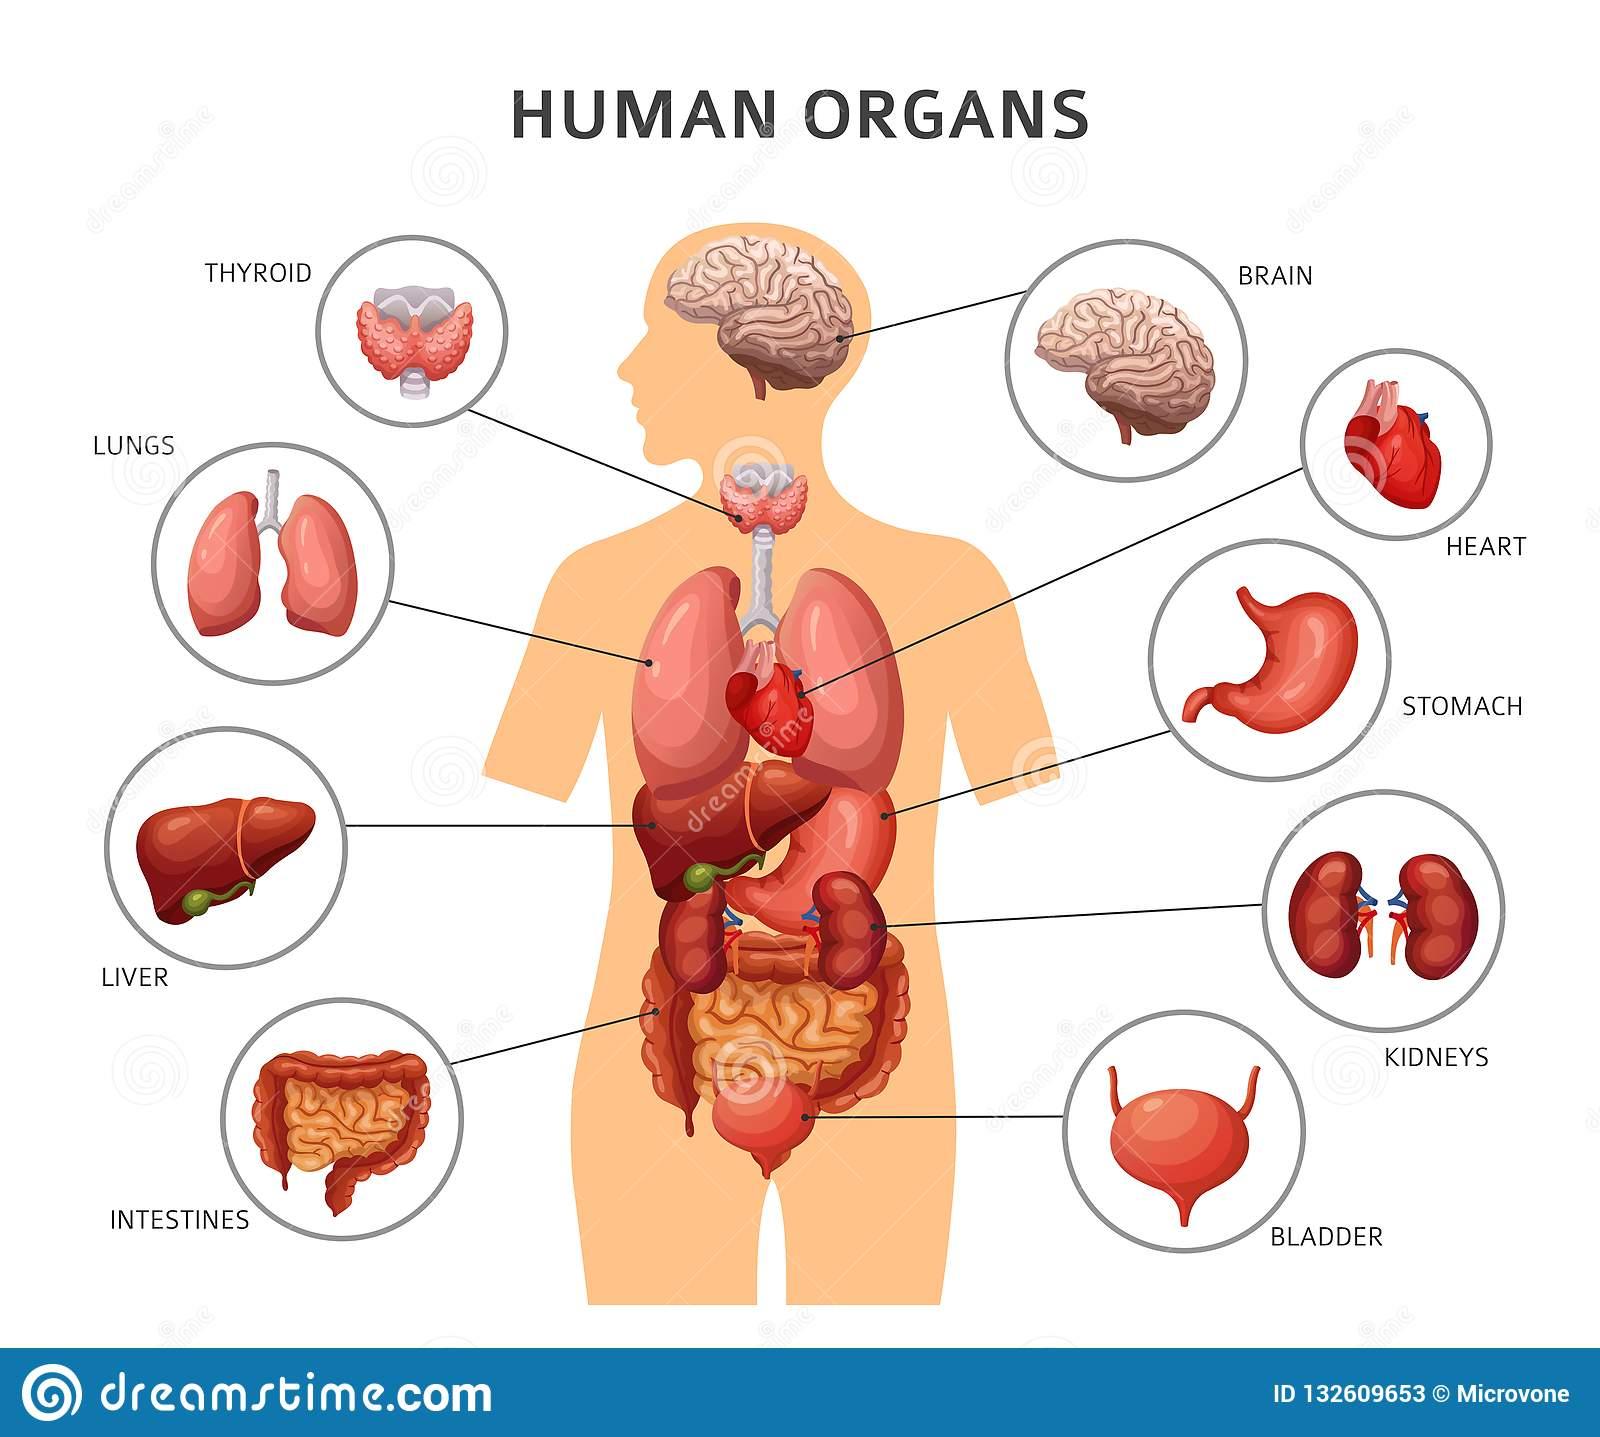 Лёгкие человека: особенности строения и функции